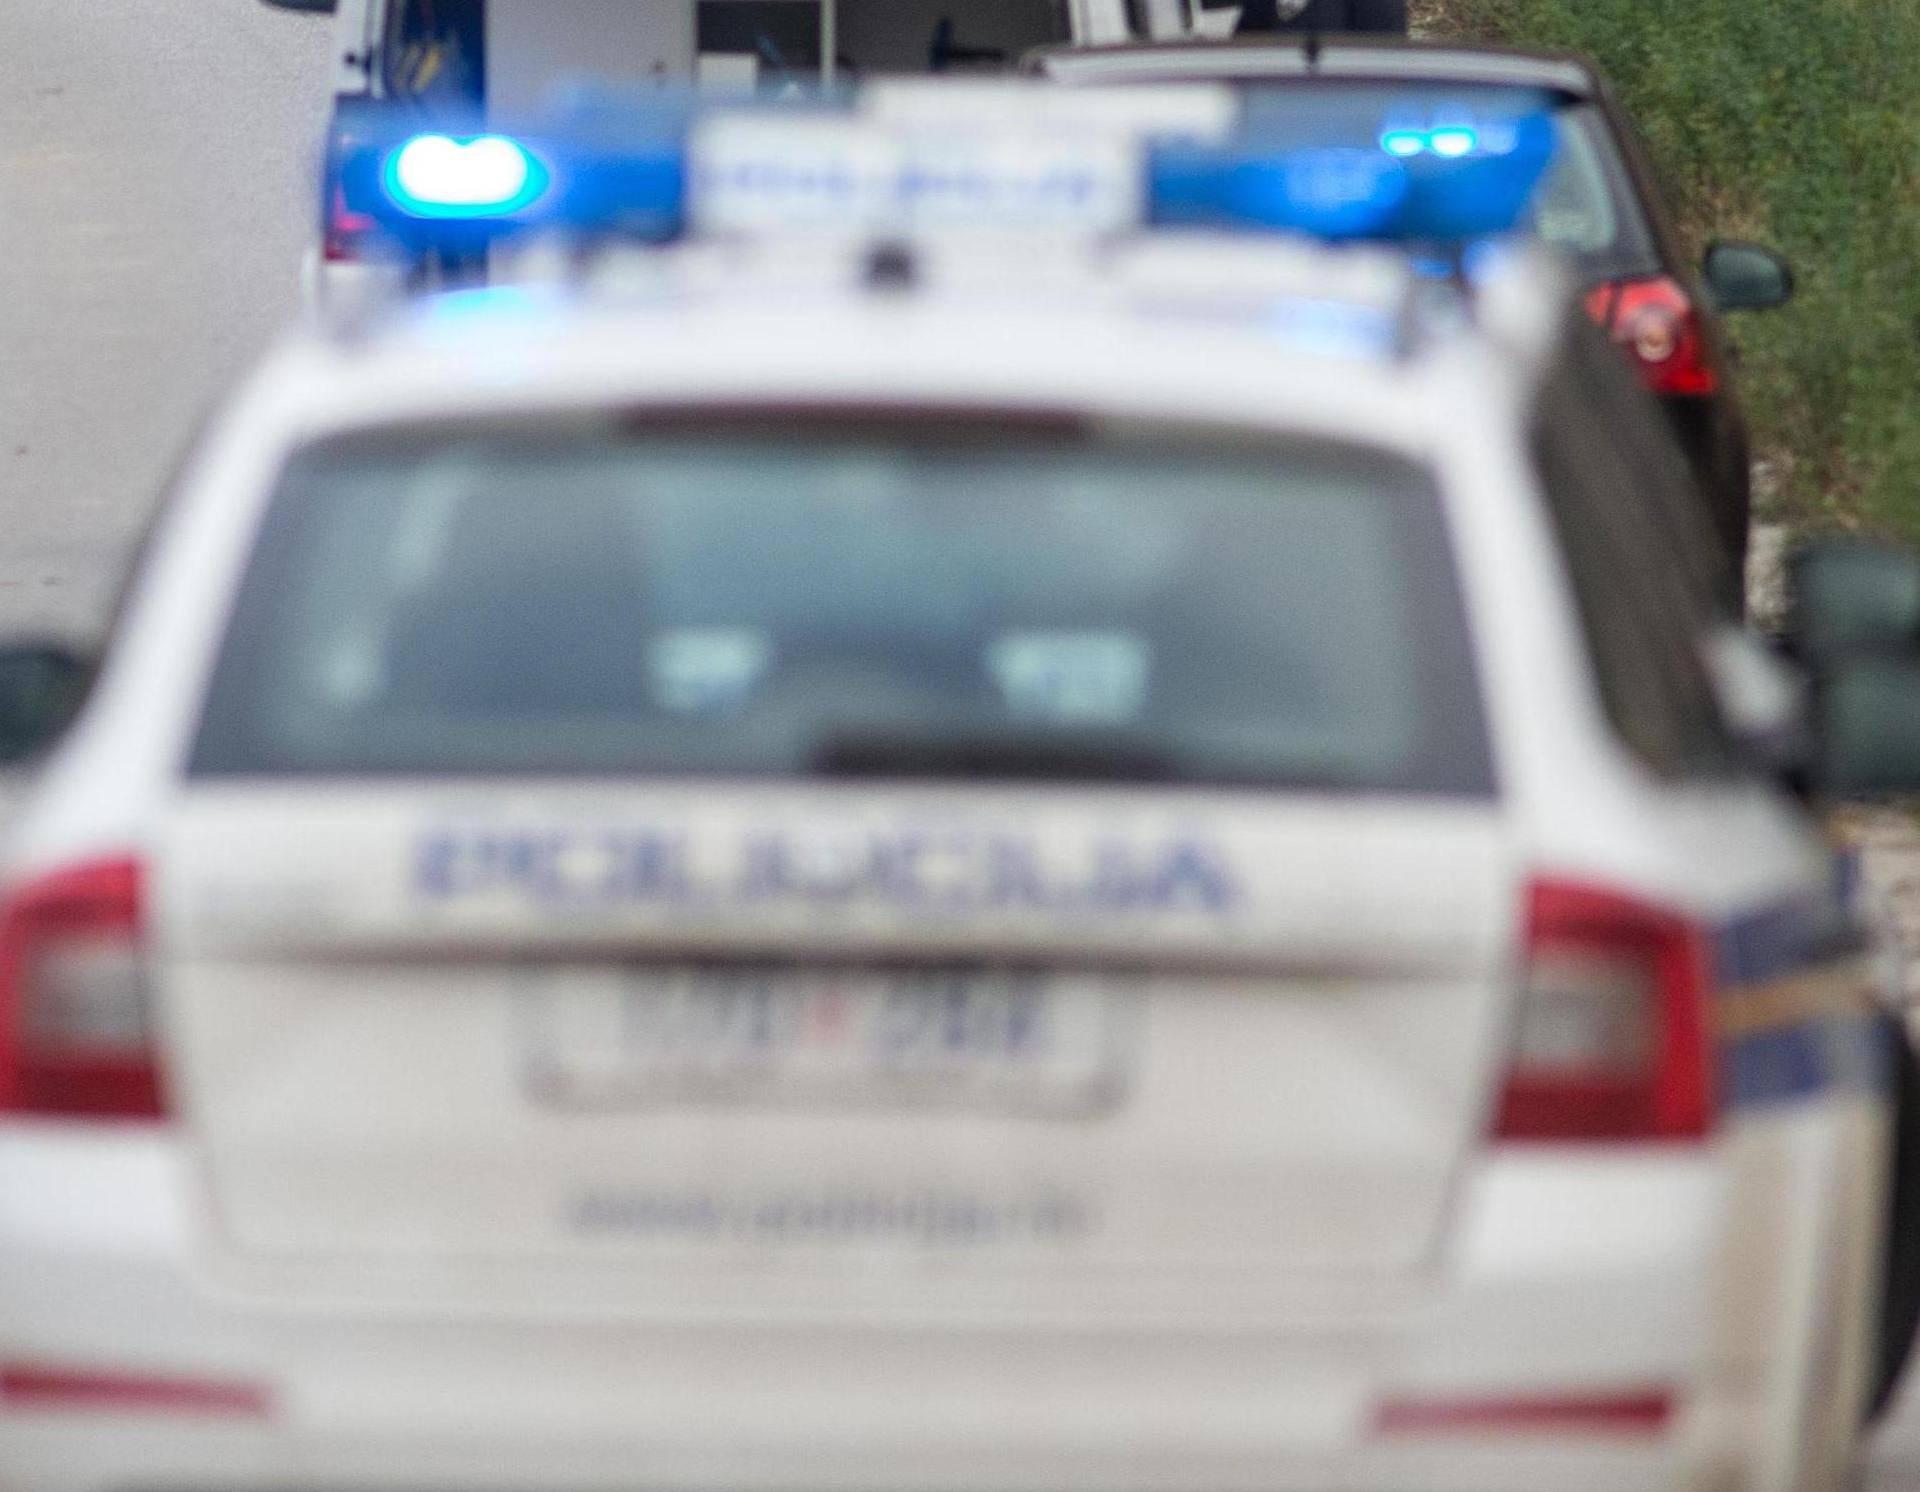 Pokušao ubiti ženu ubodom u prsa: I ranije ju je zlostavljao